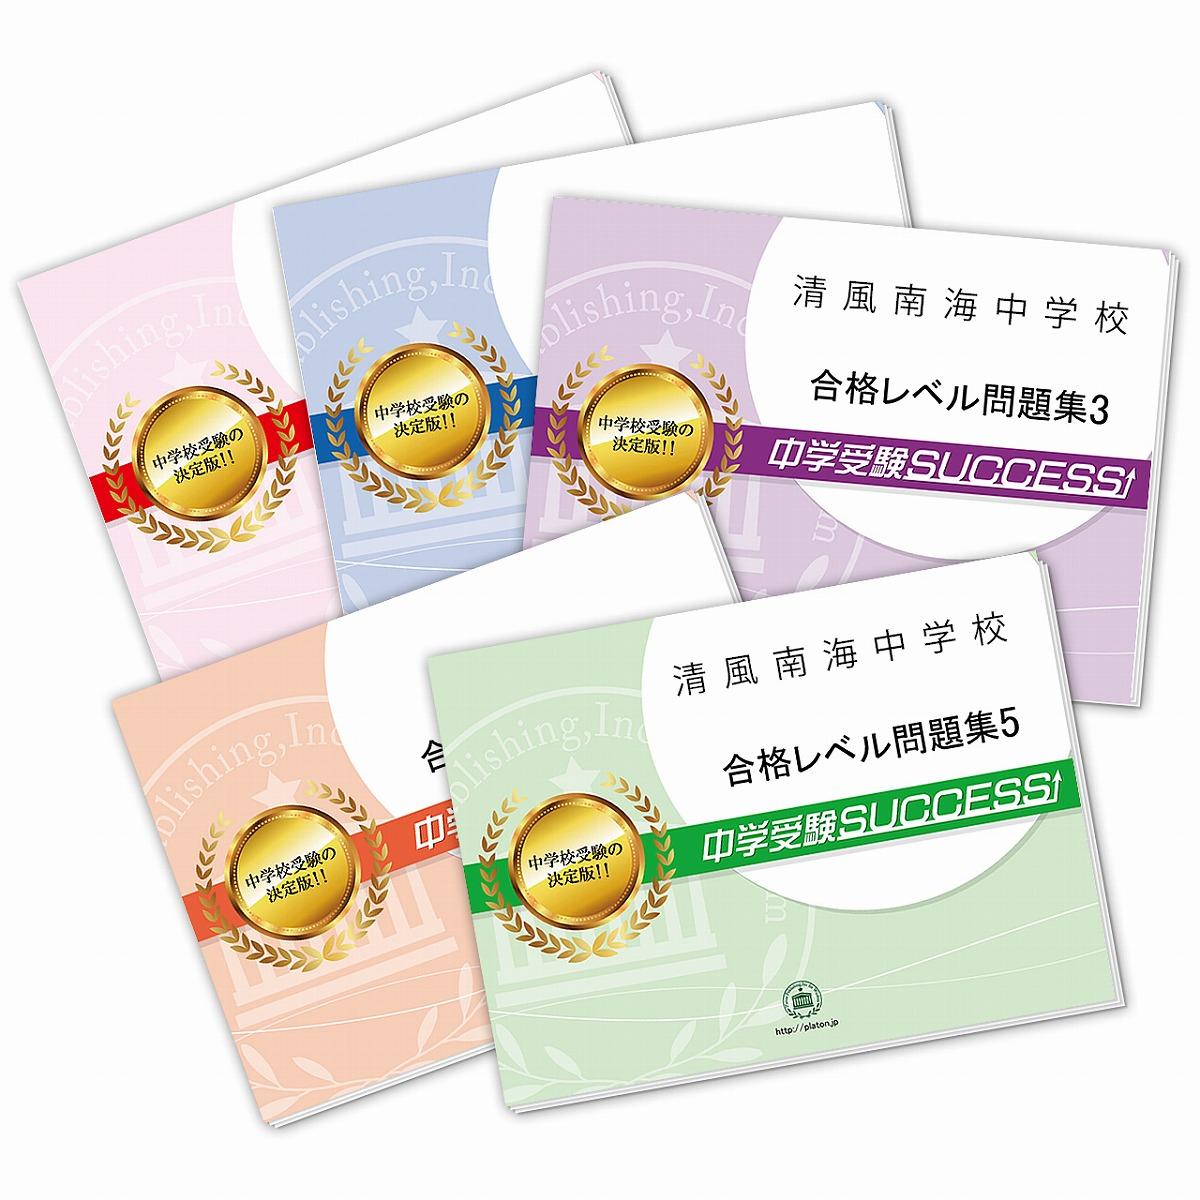 【送料・代引手数料無料】清風南海中学校・直前対策合格セット(5冊)